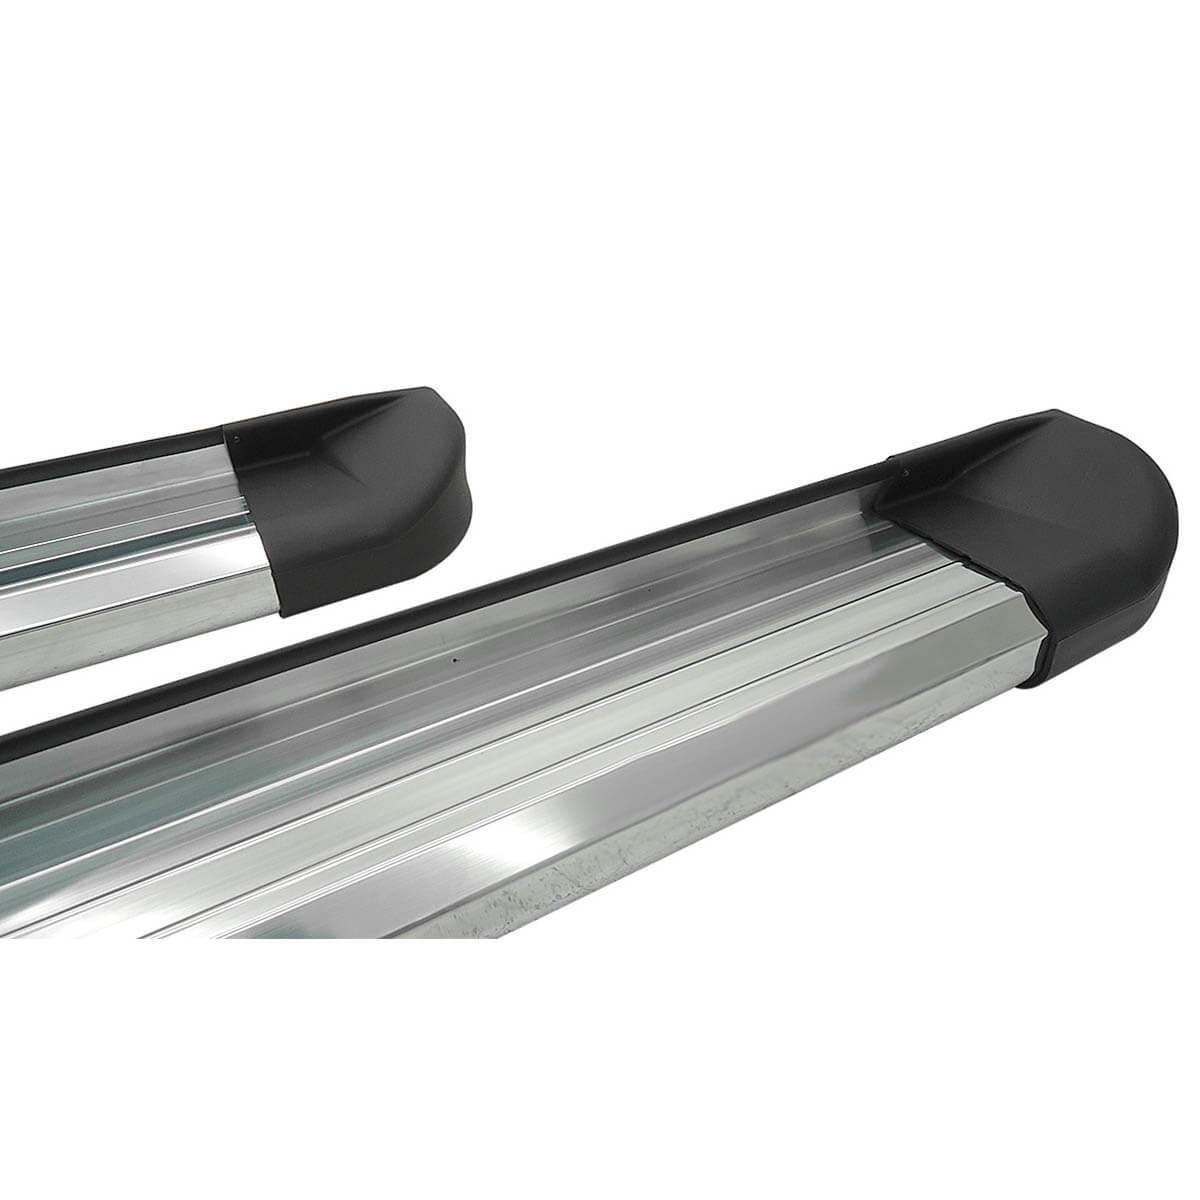 Estribo plataforma alumínio Fiat Toro 2017